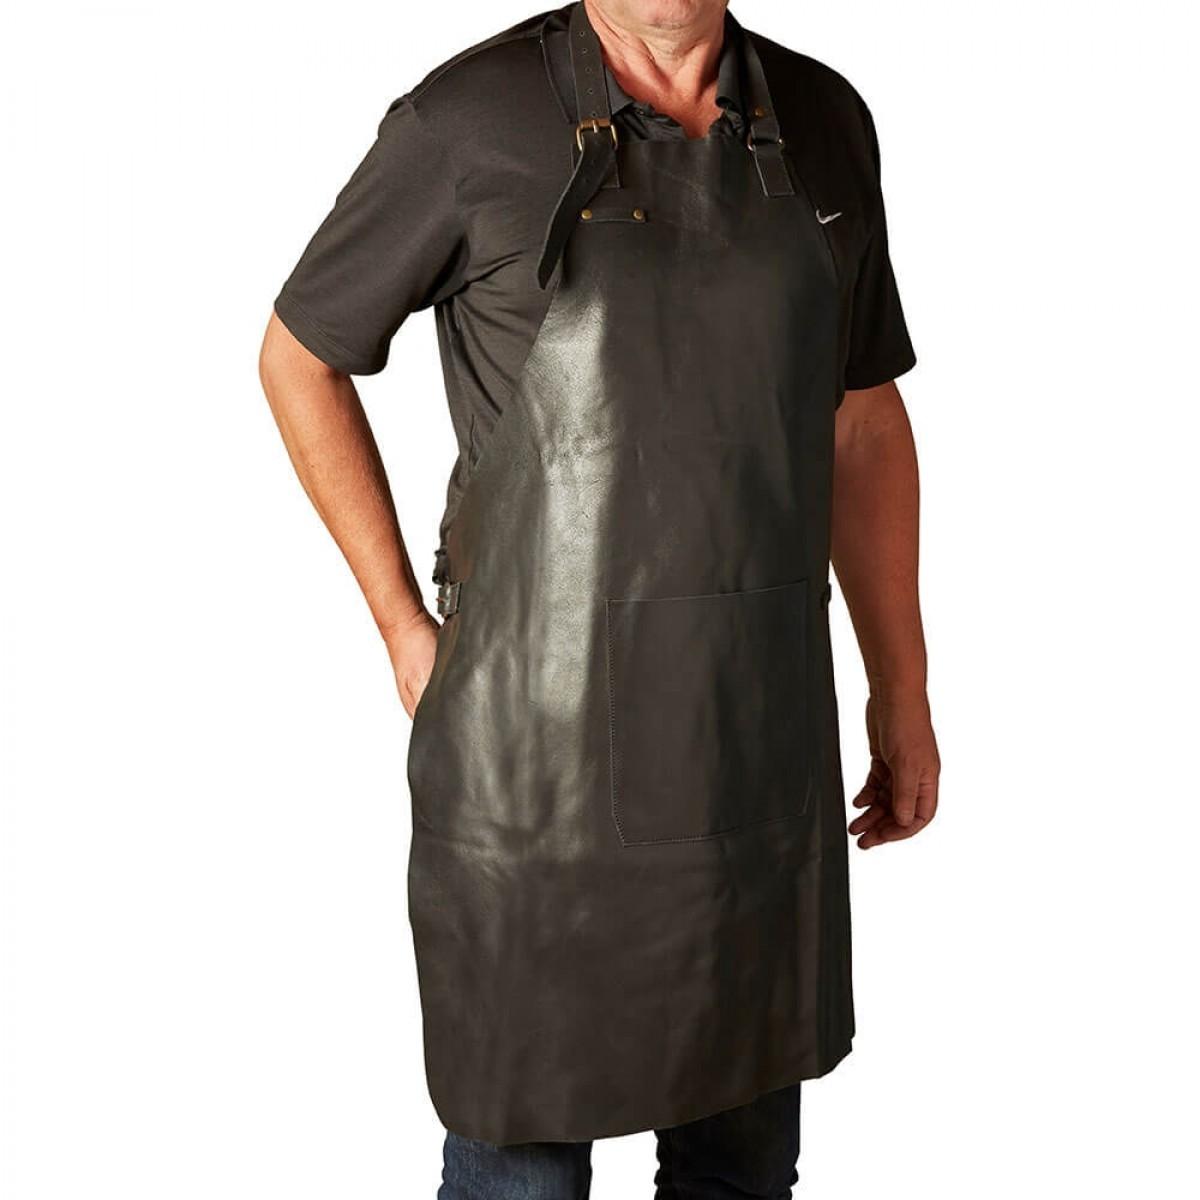 DACORE Skindforklæde m/lomme - sort